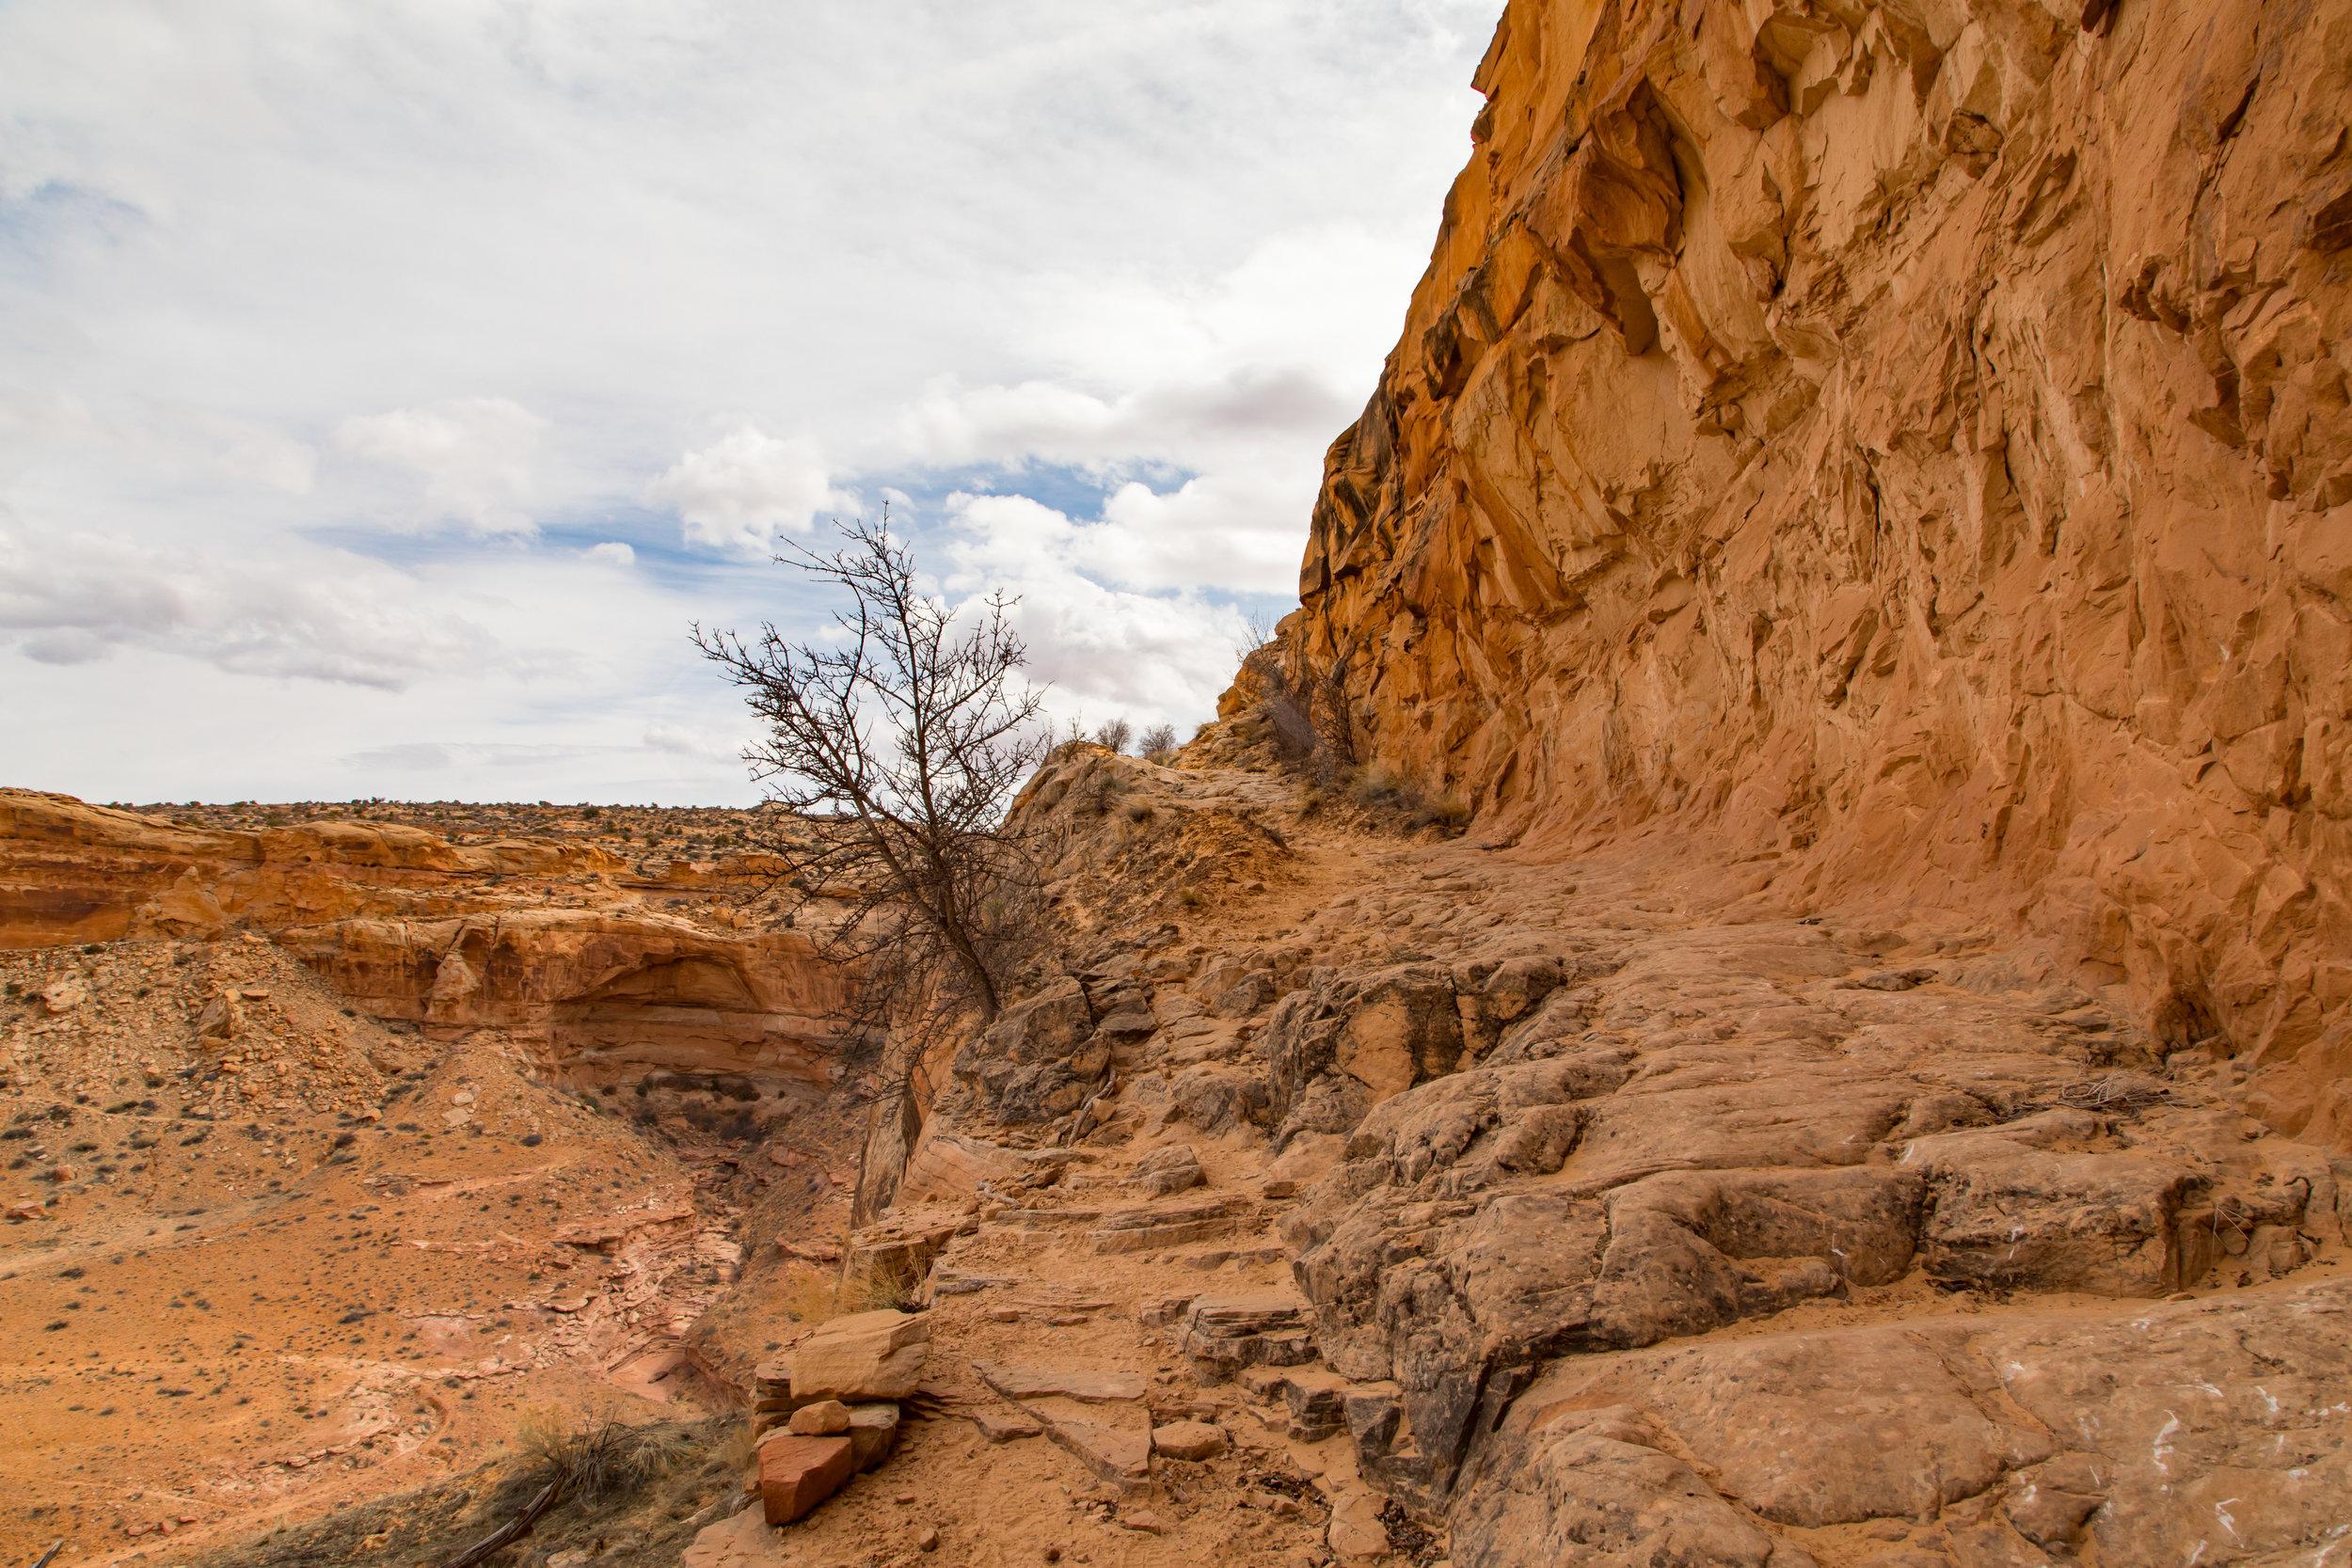 Horseshoe Canyon, Image # 9248